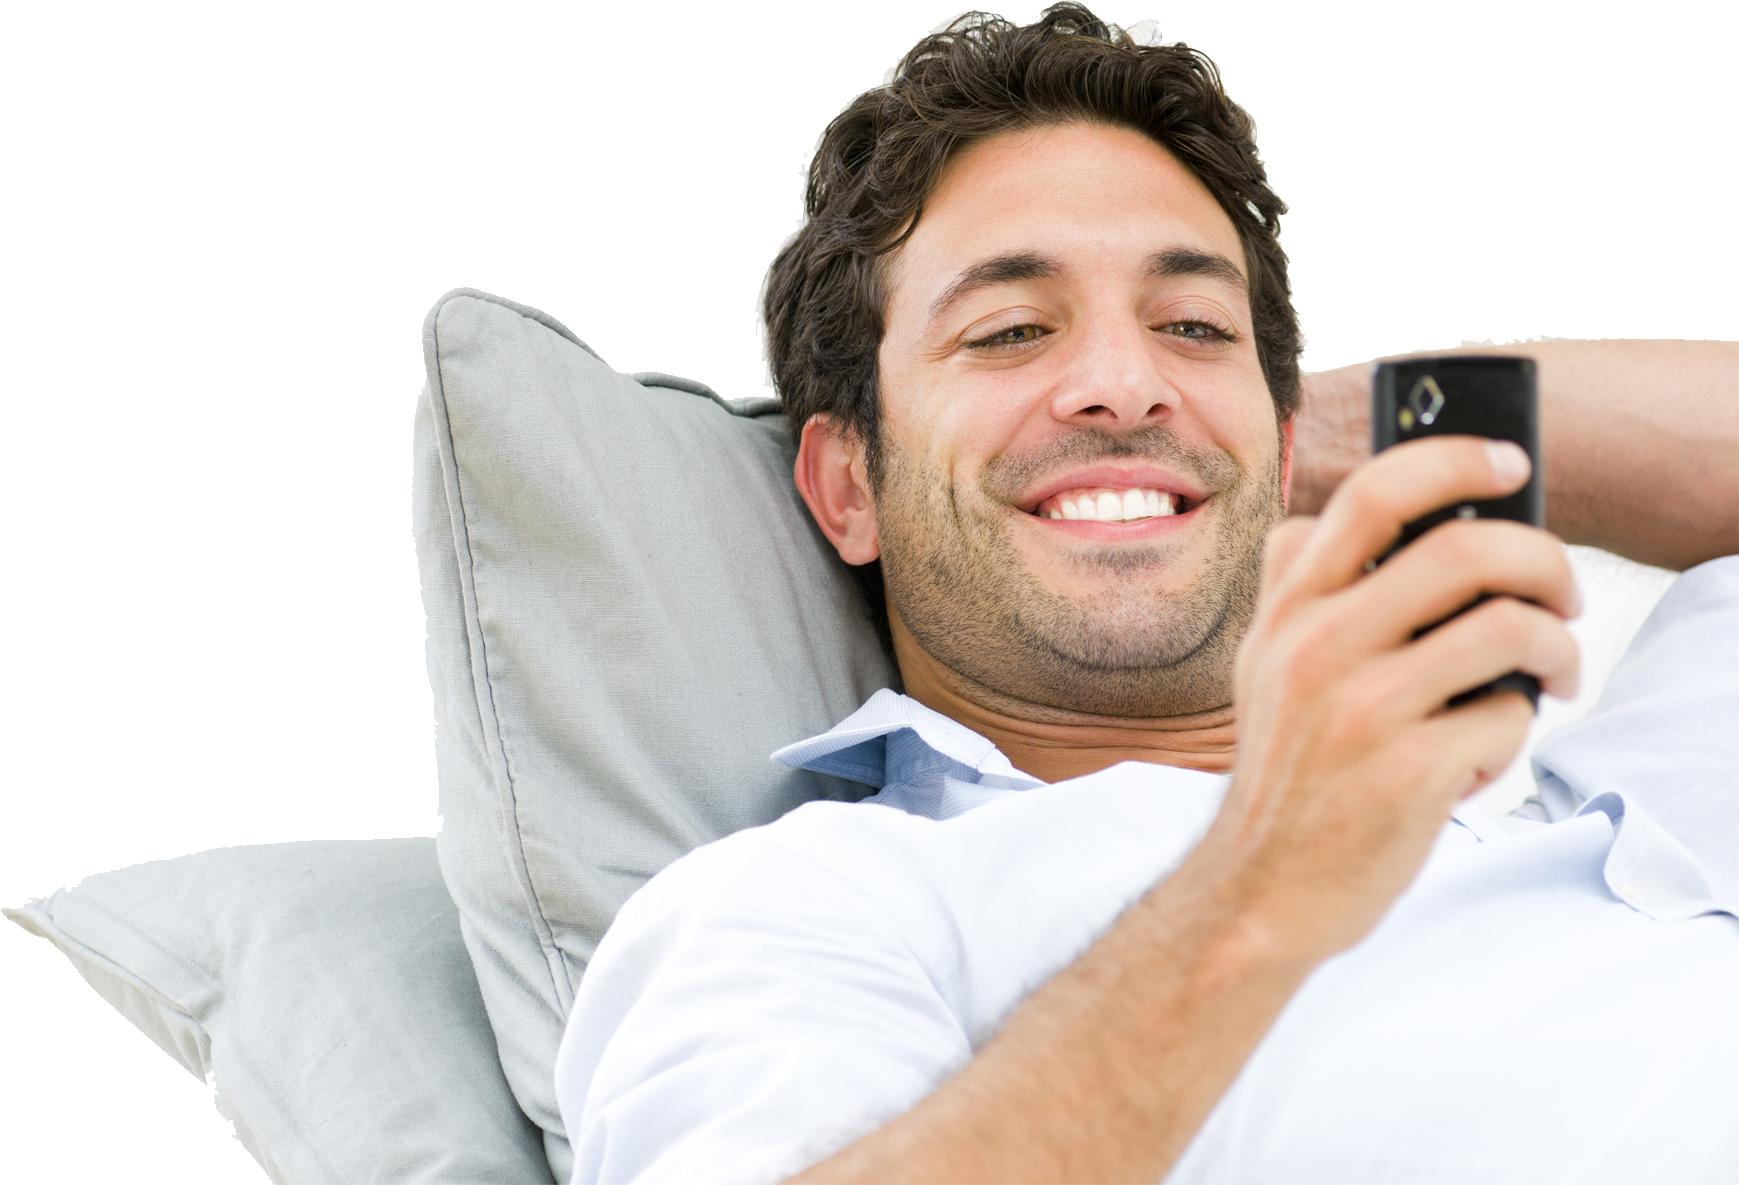 smartphone smile